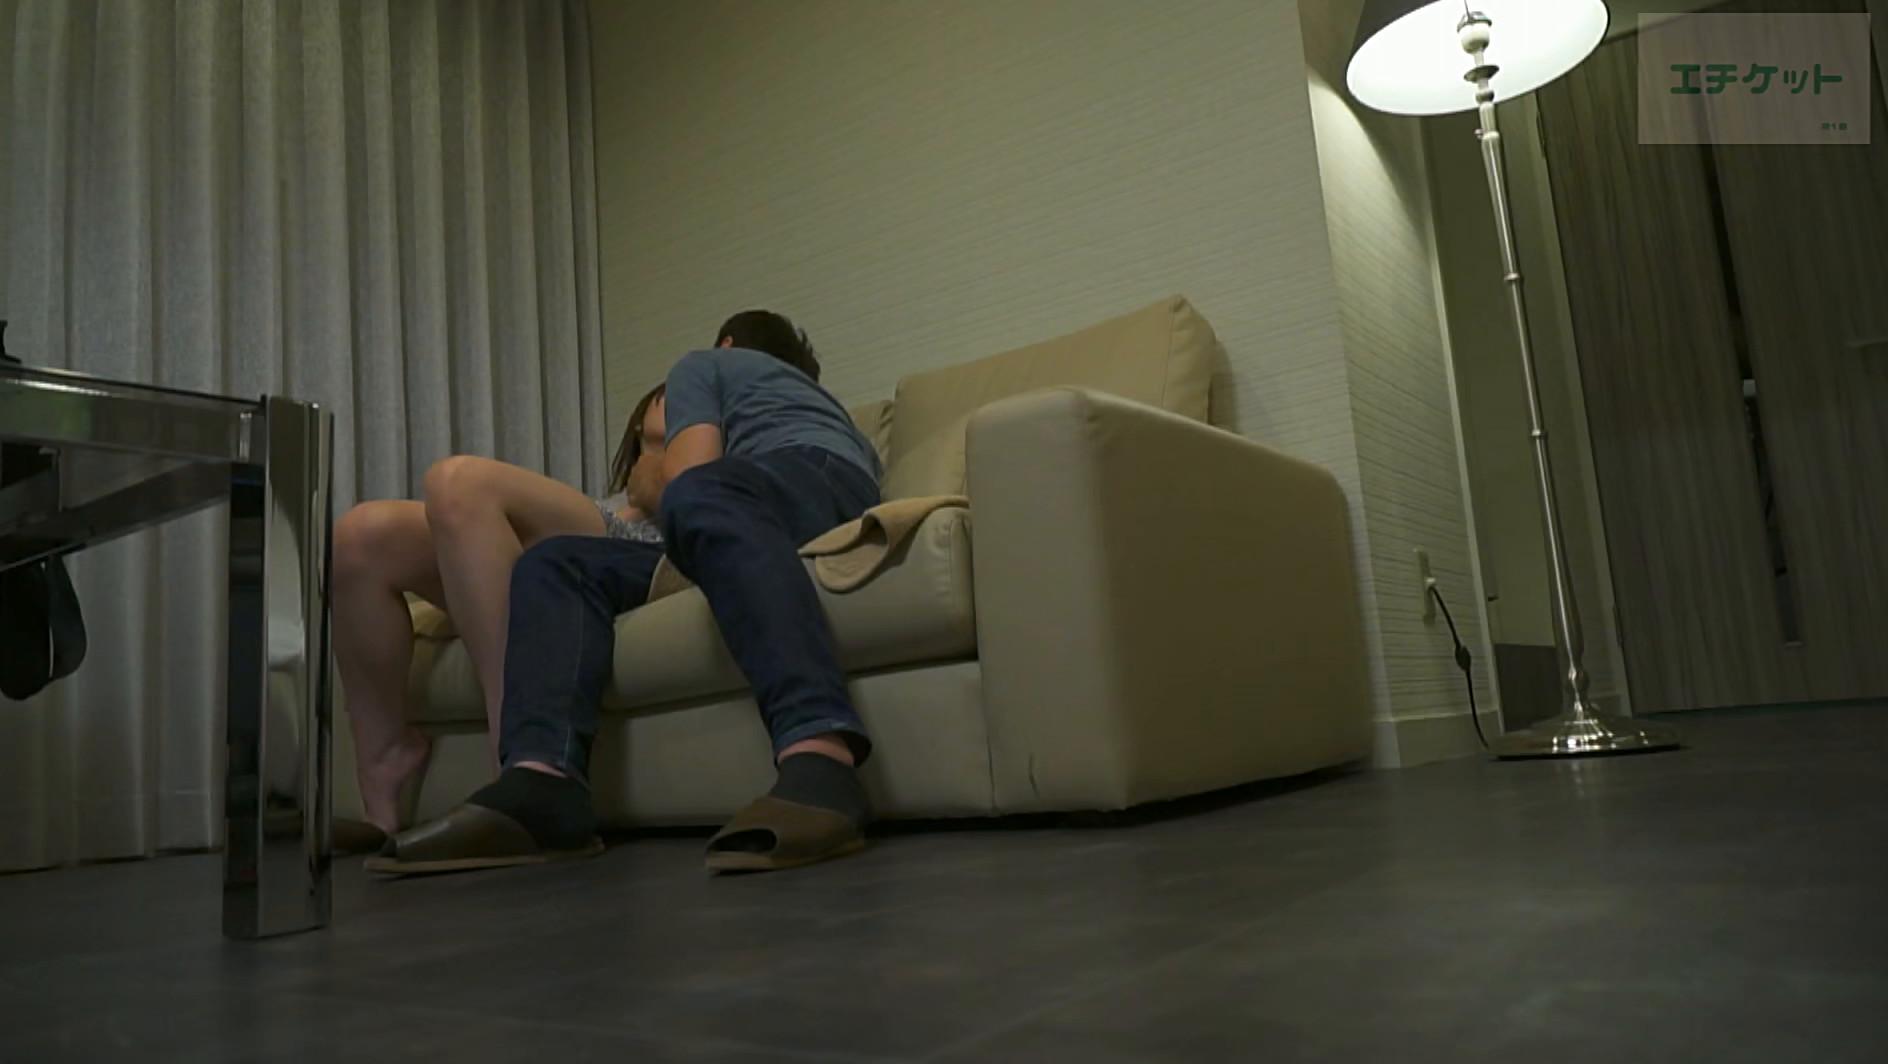 夫の浮気の仕返しに酔った勢いでエッチしちゃいました・・・ 萌28歳 画像3